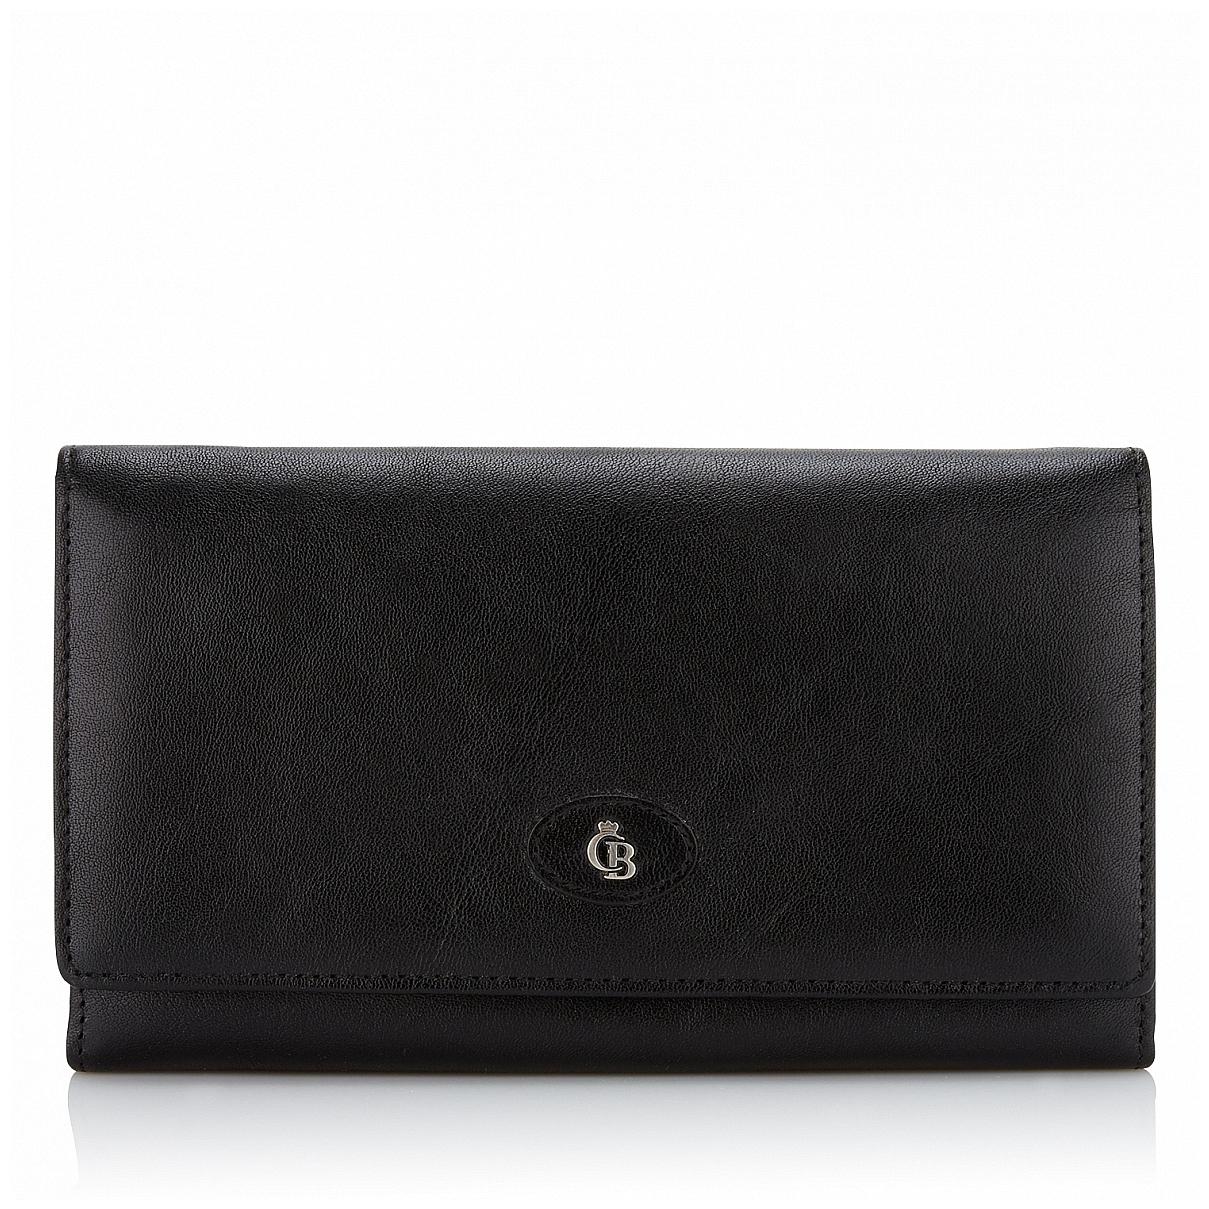 Castelijn & Beerens Dámská kožená peněženka 422402 černá